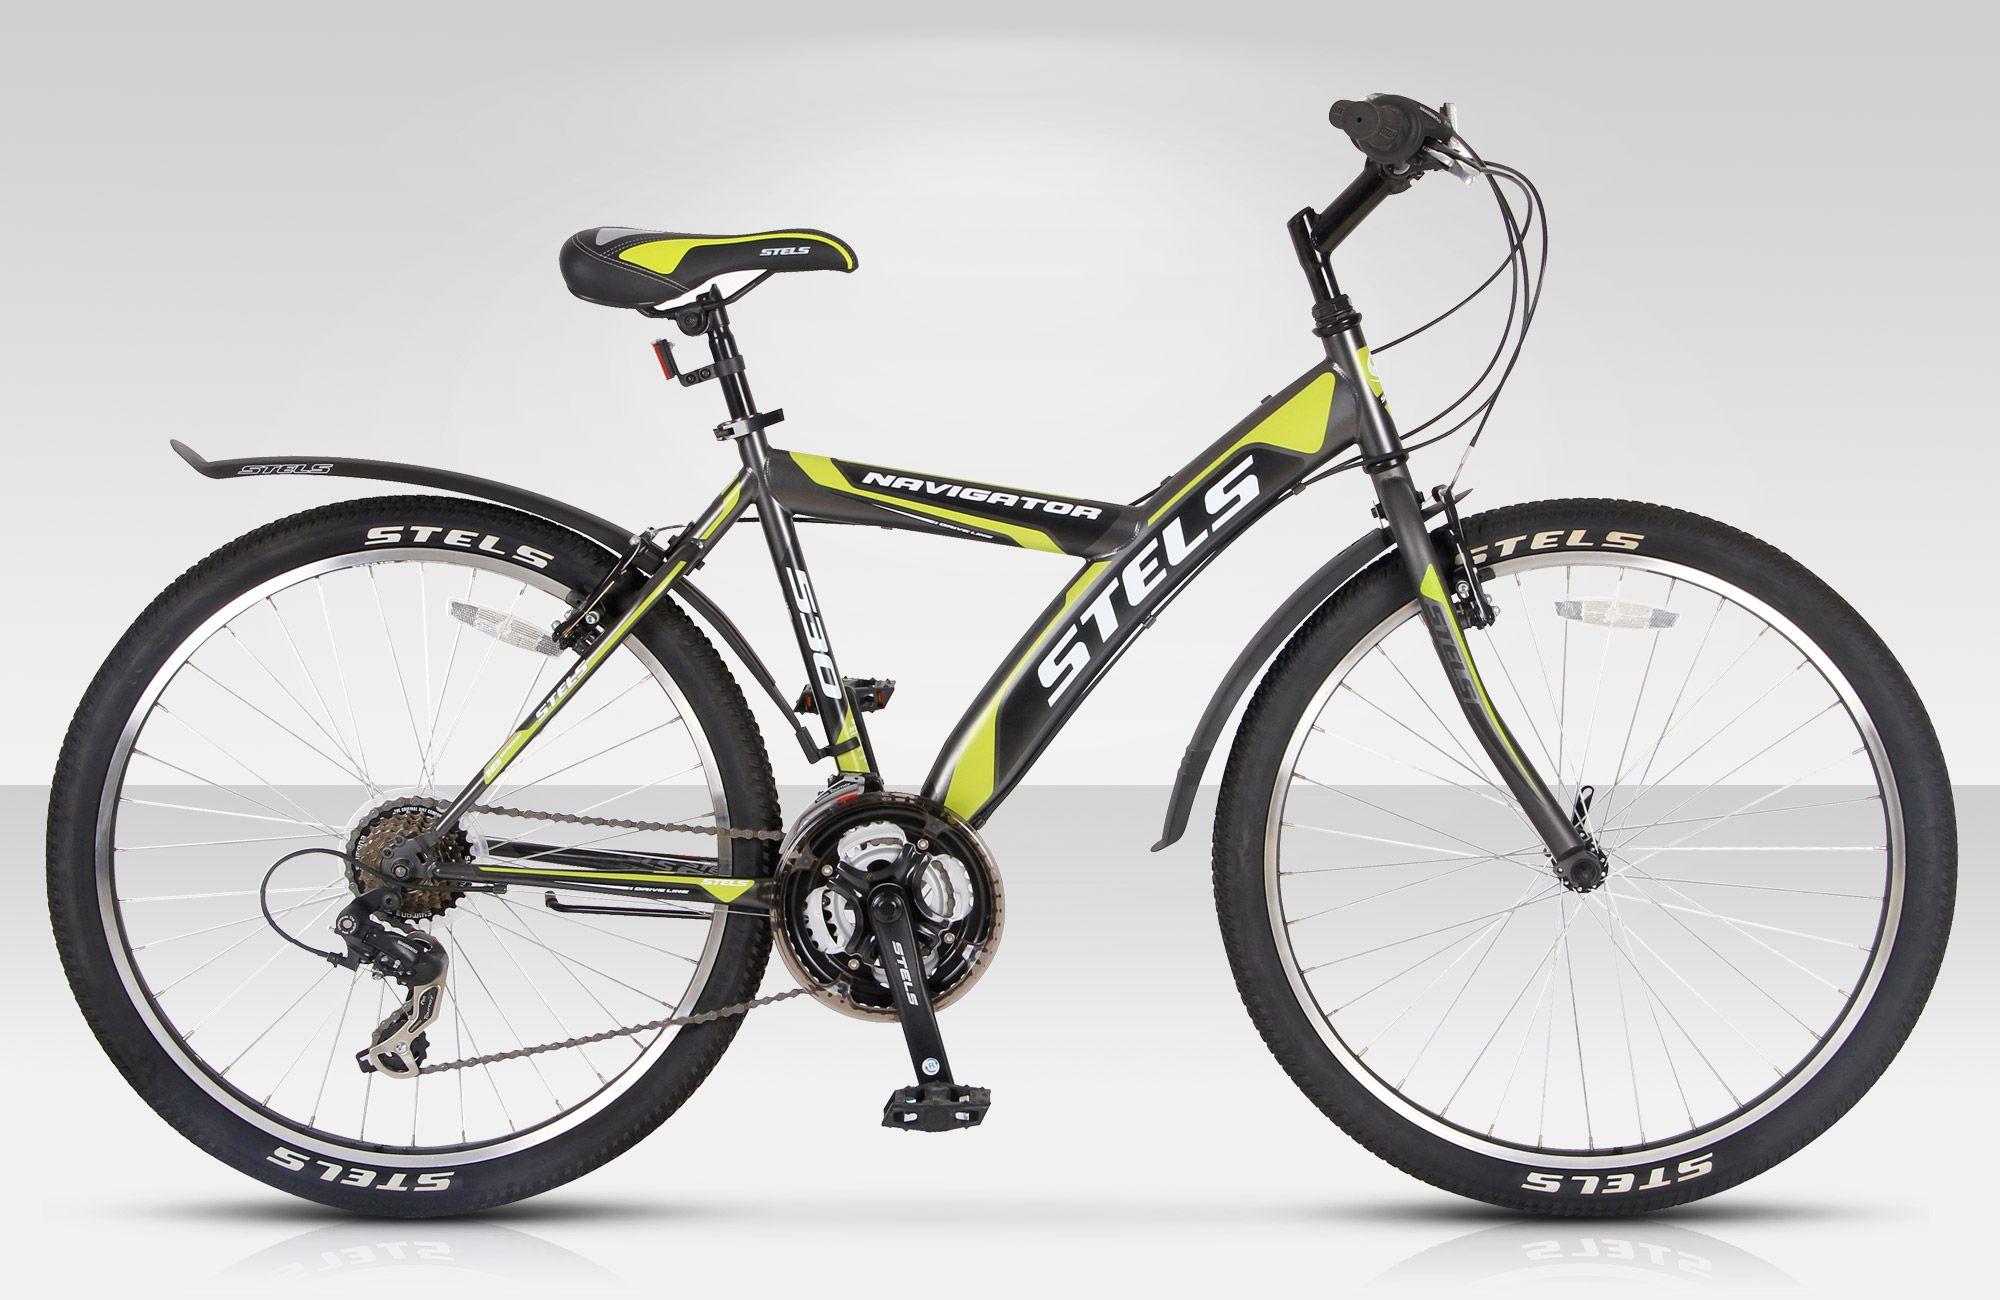 Велосипед StelsГорные<br>Доступный горный велосипед Stels Navigator 530 V предназначен для новичков, которые хотят попробовать свои силы в велосипедном спорте. Несмотря на доступность, Stels Navigator 530 V обладает качественными компонентами и стильным дизайном. Стальная рама и жесткая вилка обеспечили модель высокой прочностью и надежностью. Ободные тормоза порадуют неприхотливостью в настройке и обслуживании, и четкостью и плавностью в работе. За переключение передач отвечает японская трансмиссия Shimano Tourney.<br><br>year: 2016<br>пол: мужской<br>тип рамы: хардтейл<br>уровень оборудования: любительский<br>длина хода вилки: нет<br>блокировка амортизатора: нет<br>рулевая колонка: Feimin, сталь<br>передний тормоз: Power, V-типа<br>задний тормоз: Power, V-типа<br>система: Prowheel, сталь, 28/38/48T<br>каретка: Feimin, сталь<br>педали: Feimin, пластик<br>ободья: Алюминиевые двойные<br>передняя втулка: KT, сталь<br>задняя втулка: KT, сталь<br>передняя покрышка: Chao Yang, 26 x 2.0<br>задняя покрышка: Chao Yang, 26 x 2.0<br>седло: Justek<br>кассета: Shimano Tourney, MF-TZ20<br>манетки: Shimano Tourney, SL-RS36<br>крылья: Пластик<br>подножка: Есть<br>рама: Сталь<br>вилка: Сталь<br>тип заднего амортизатора: без амортизатора<br>цвет: оранжевый<br>размер рамы: 18&amp;amp;quot;<br>материал рамы: сталь<br>тип тормозов: ободной<br>диаметр колеса: 26<br>тип амортизированной вилки: жесткая<br>передний переключатель: Shimano Tourney, FD-TX51<br>задний переключатель: Shimano Tourney, RD-TX35<br>количество скоростей: 18